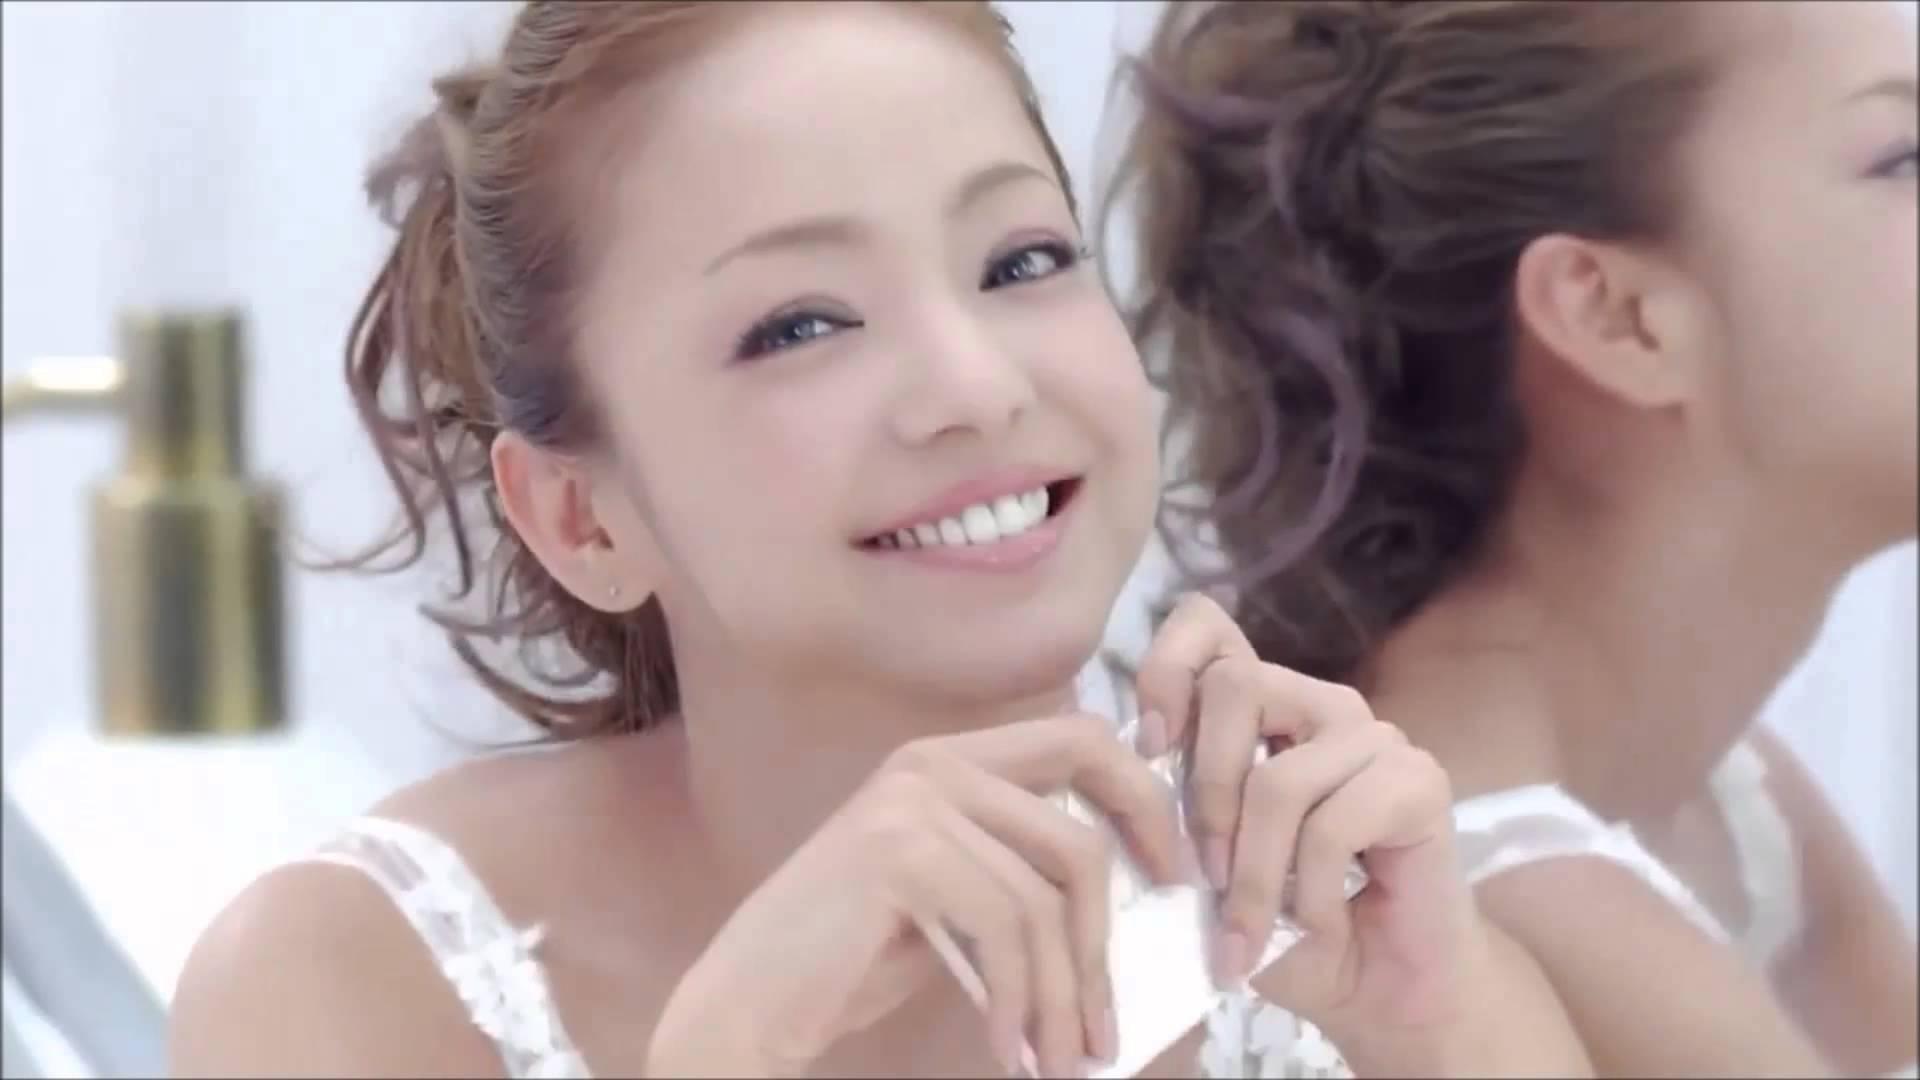 安室奈美恵のような小顔になれる!?メイクでハーフ顔になれる方法のサムネイル画像